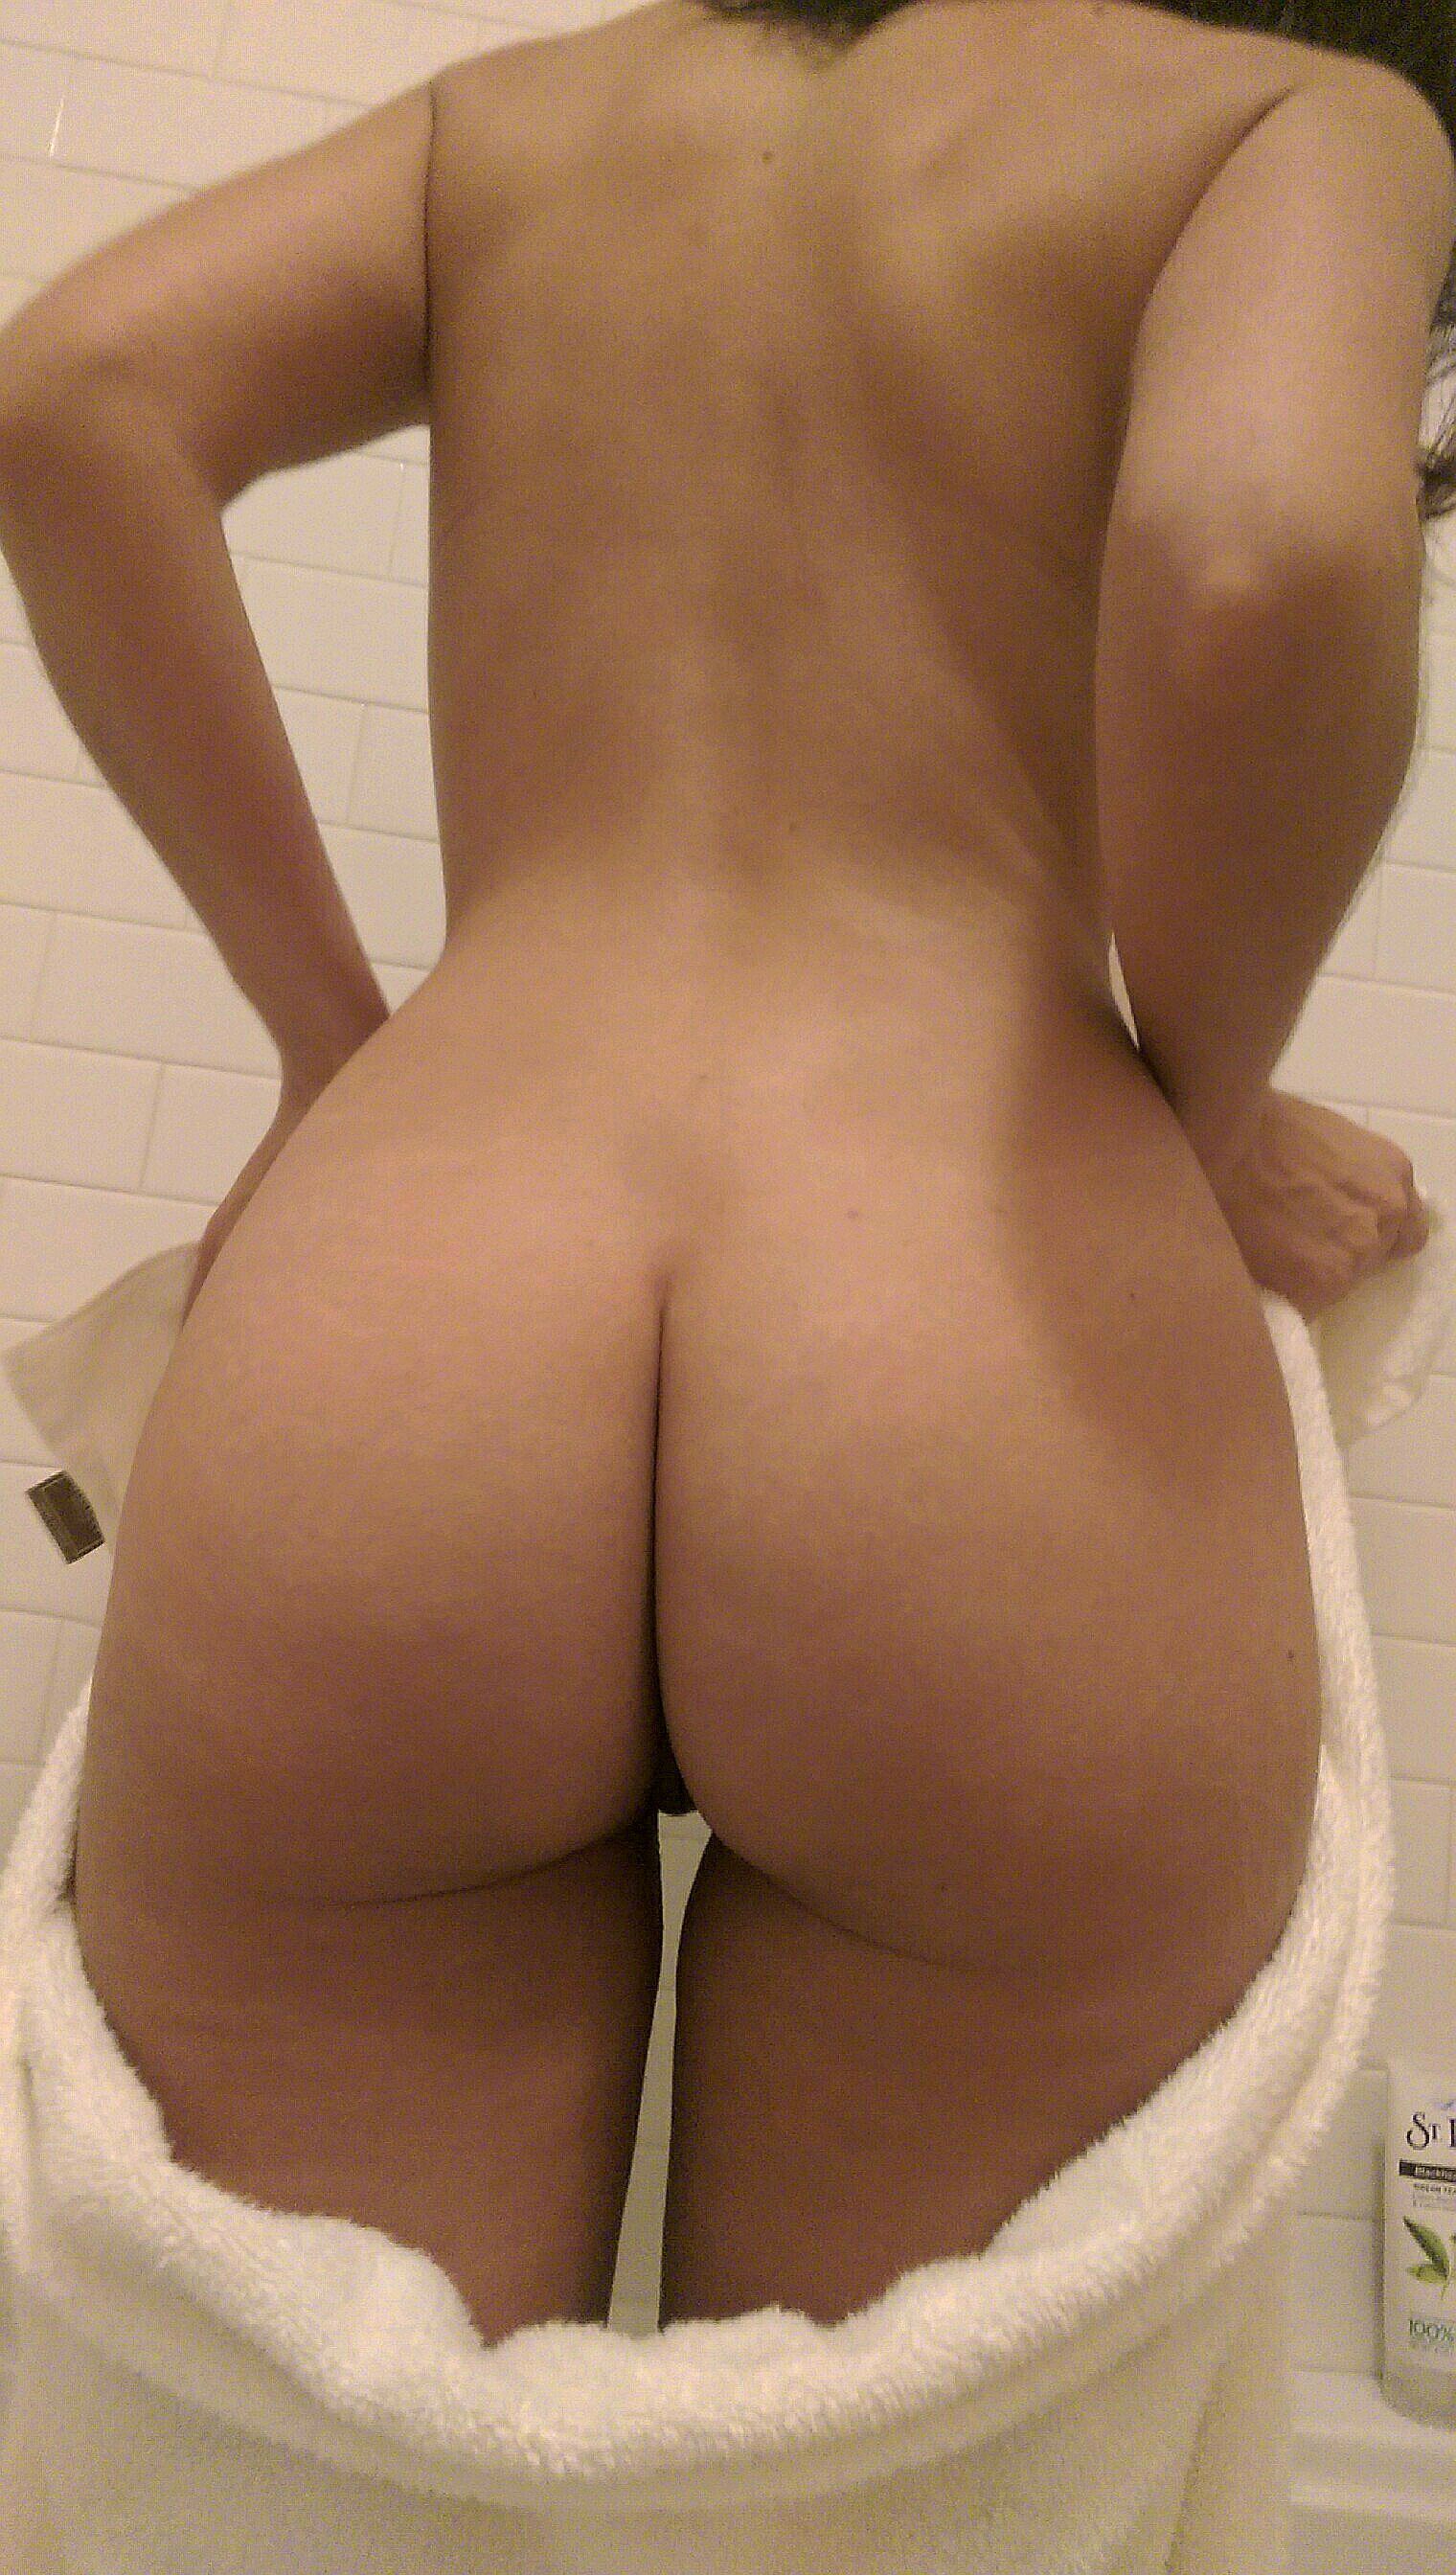 Любительский микс голых попок телочек от 18 лет 7 фото